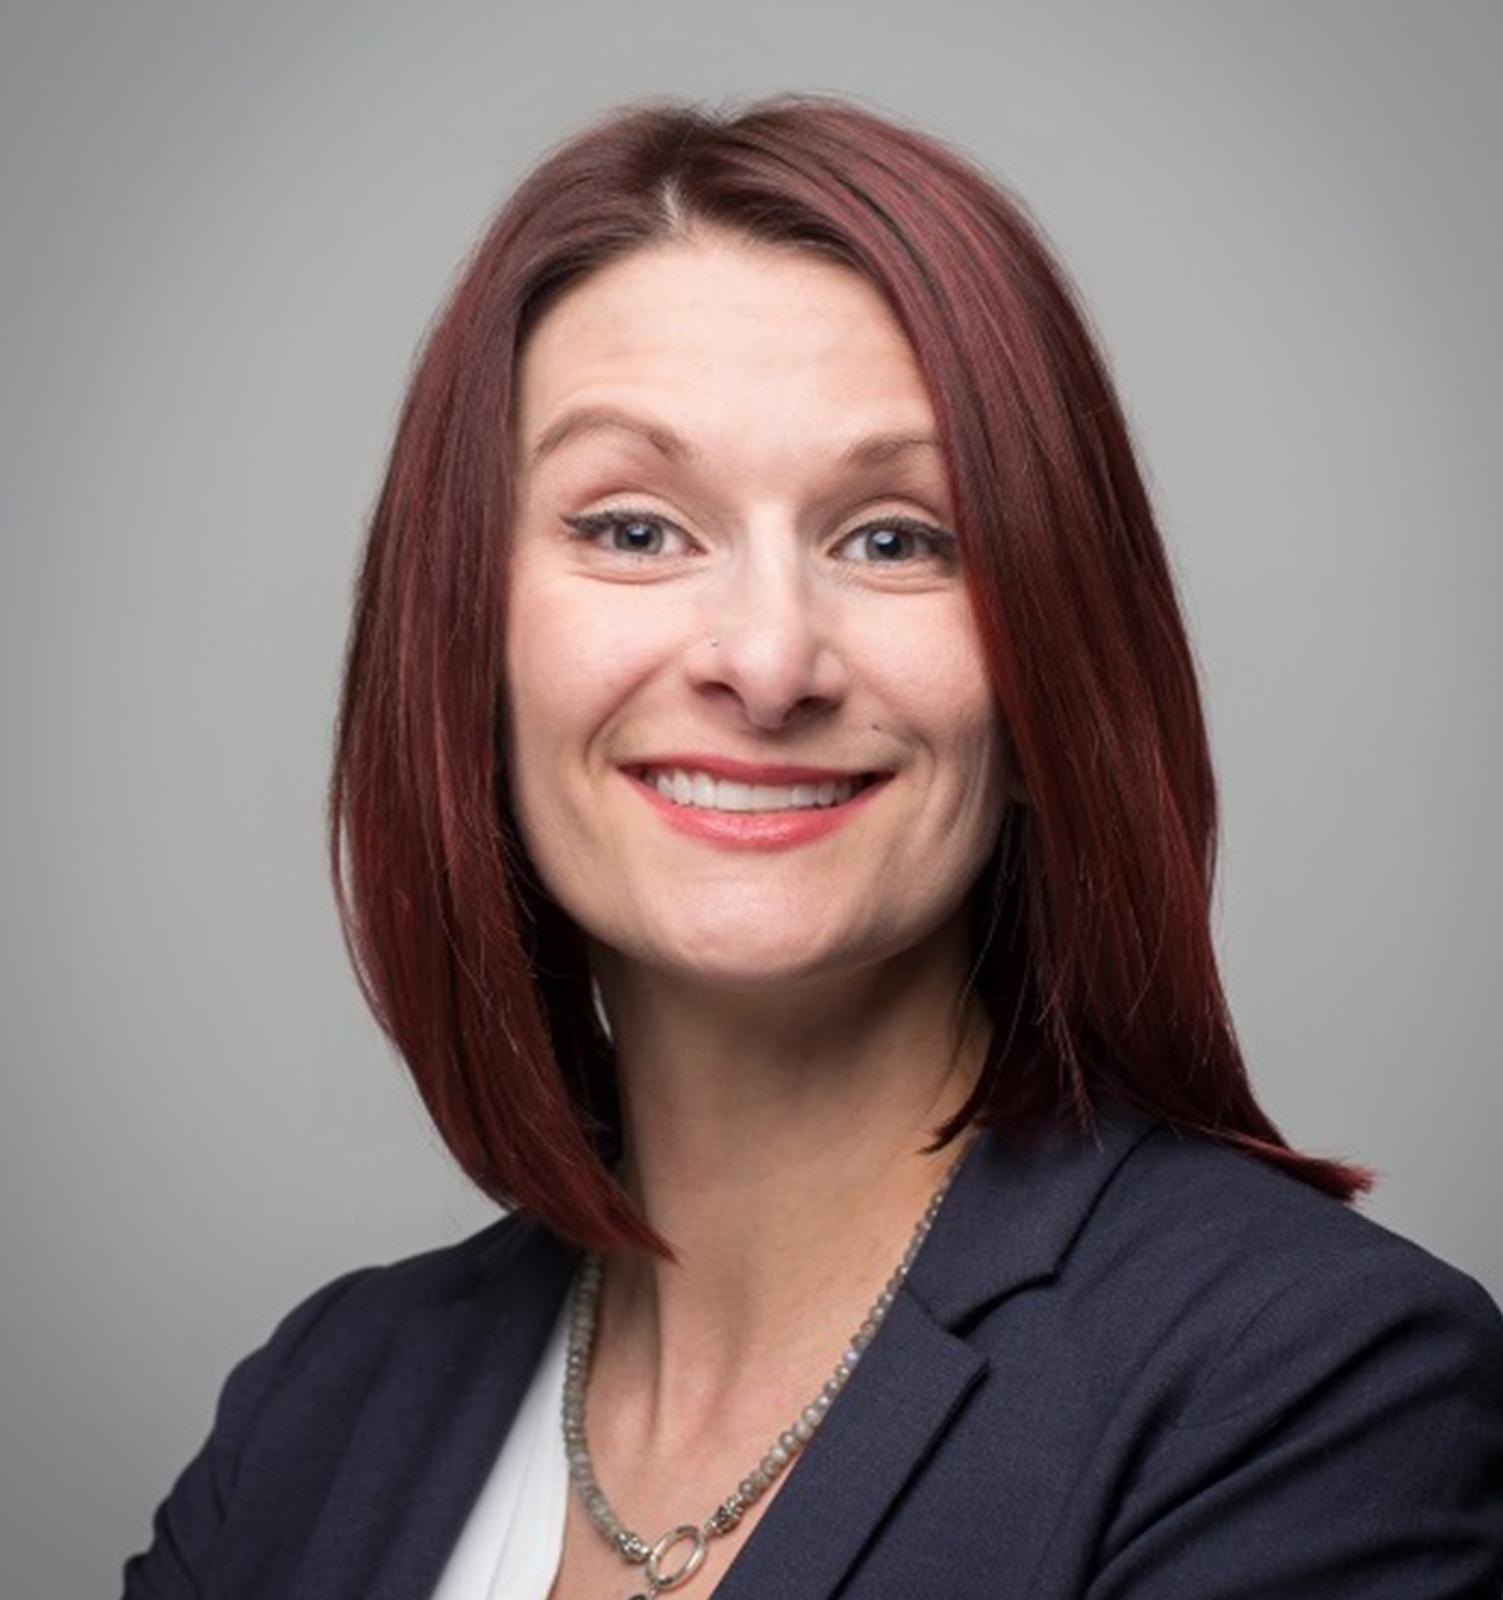 Megan Goudreau